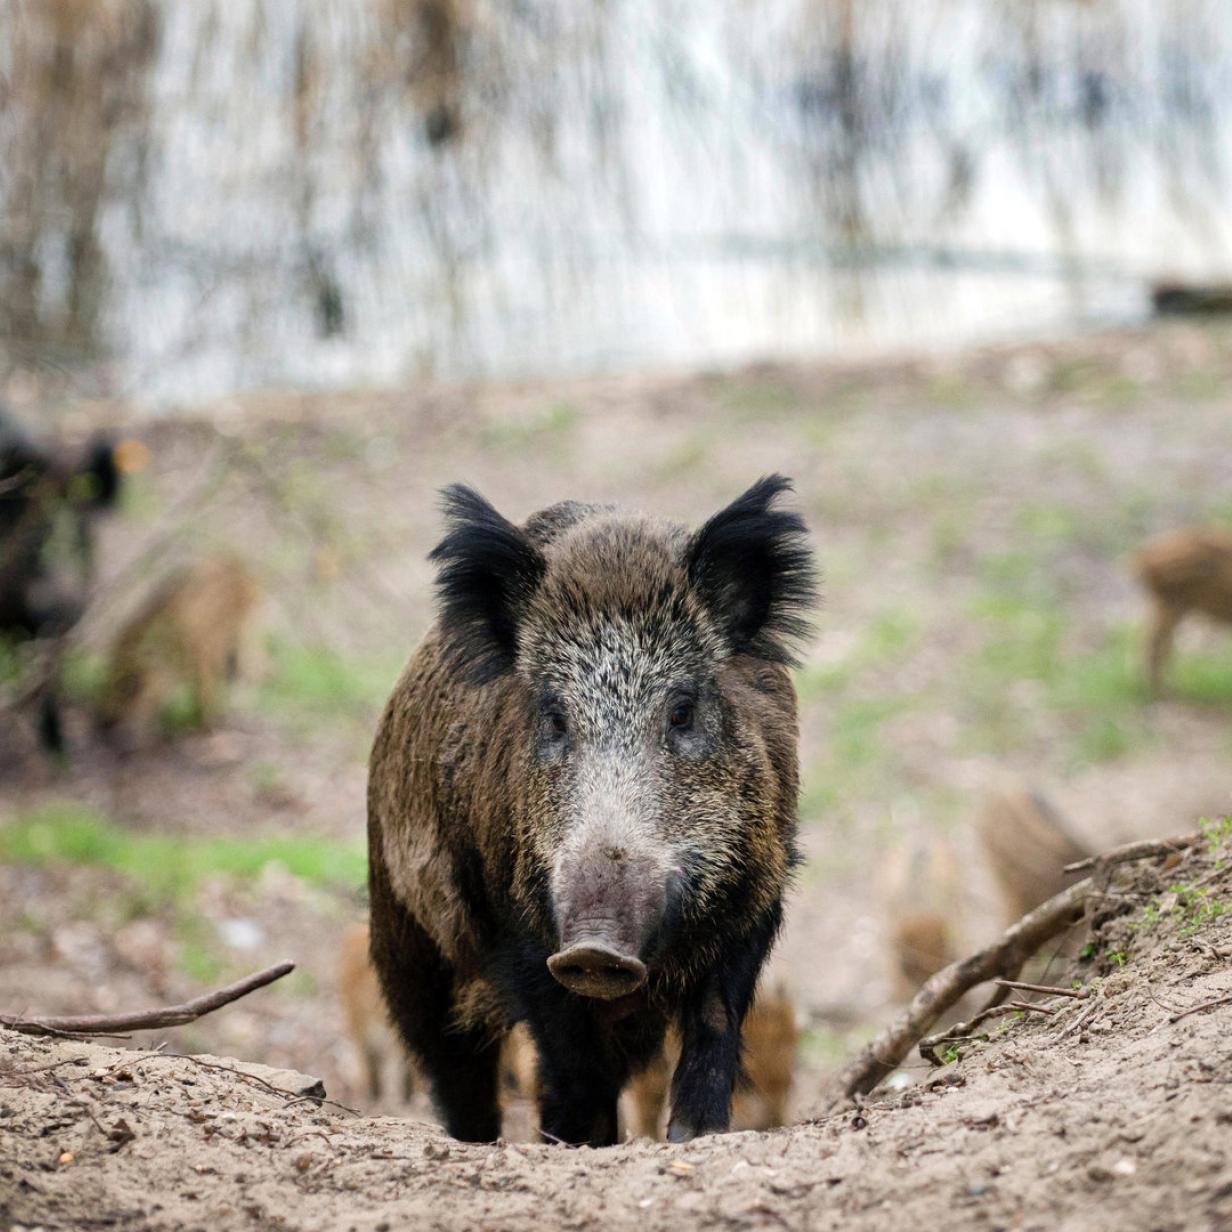 Hilfe, ein Wildschwein: Wie man sich im Wald richtig verhält